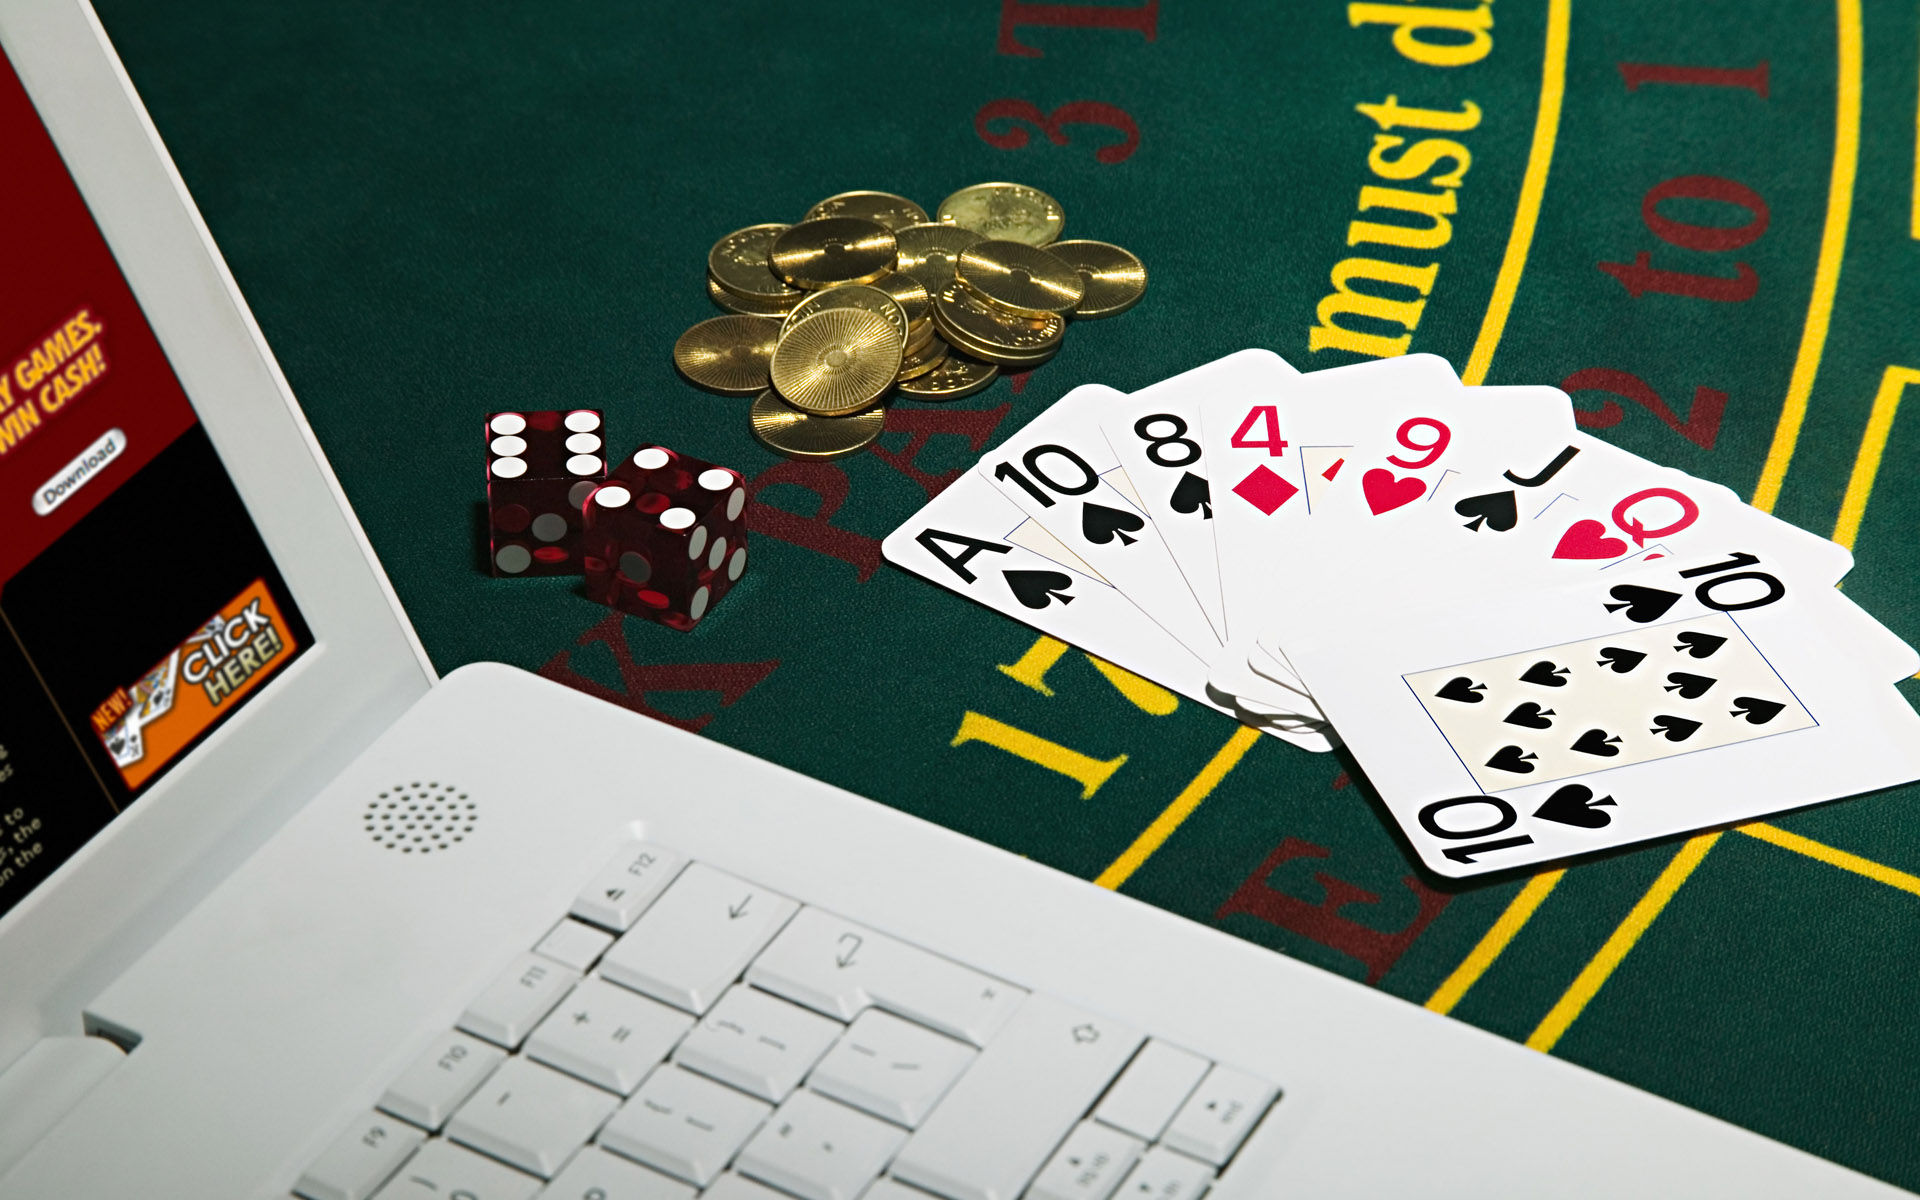 Почему онлайн казино так популярно игровые автоматы играть онлайн бесплатно пираты